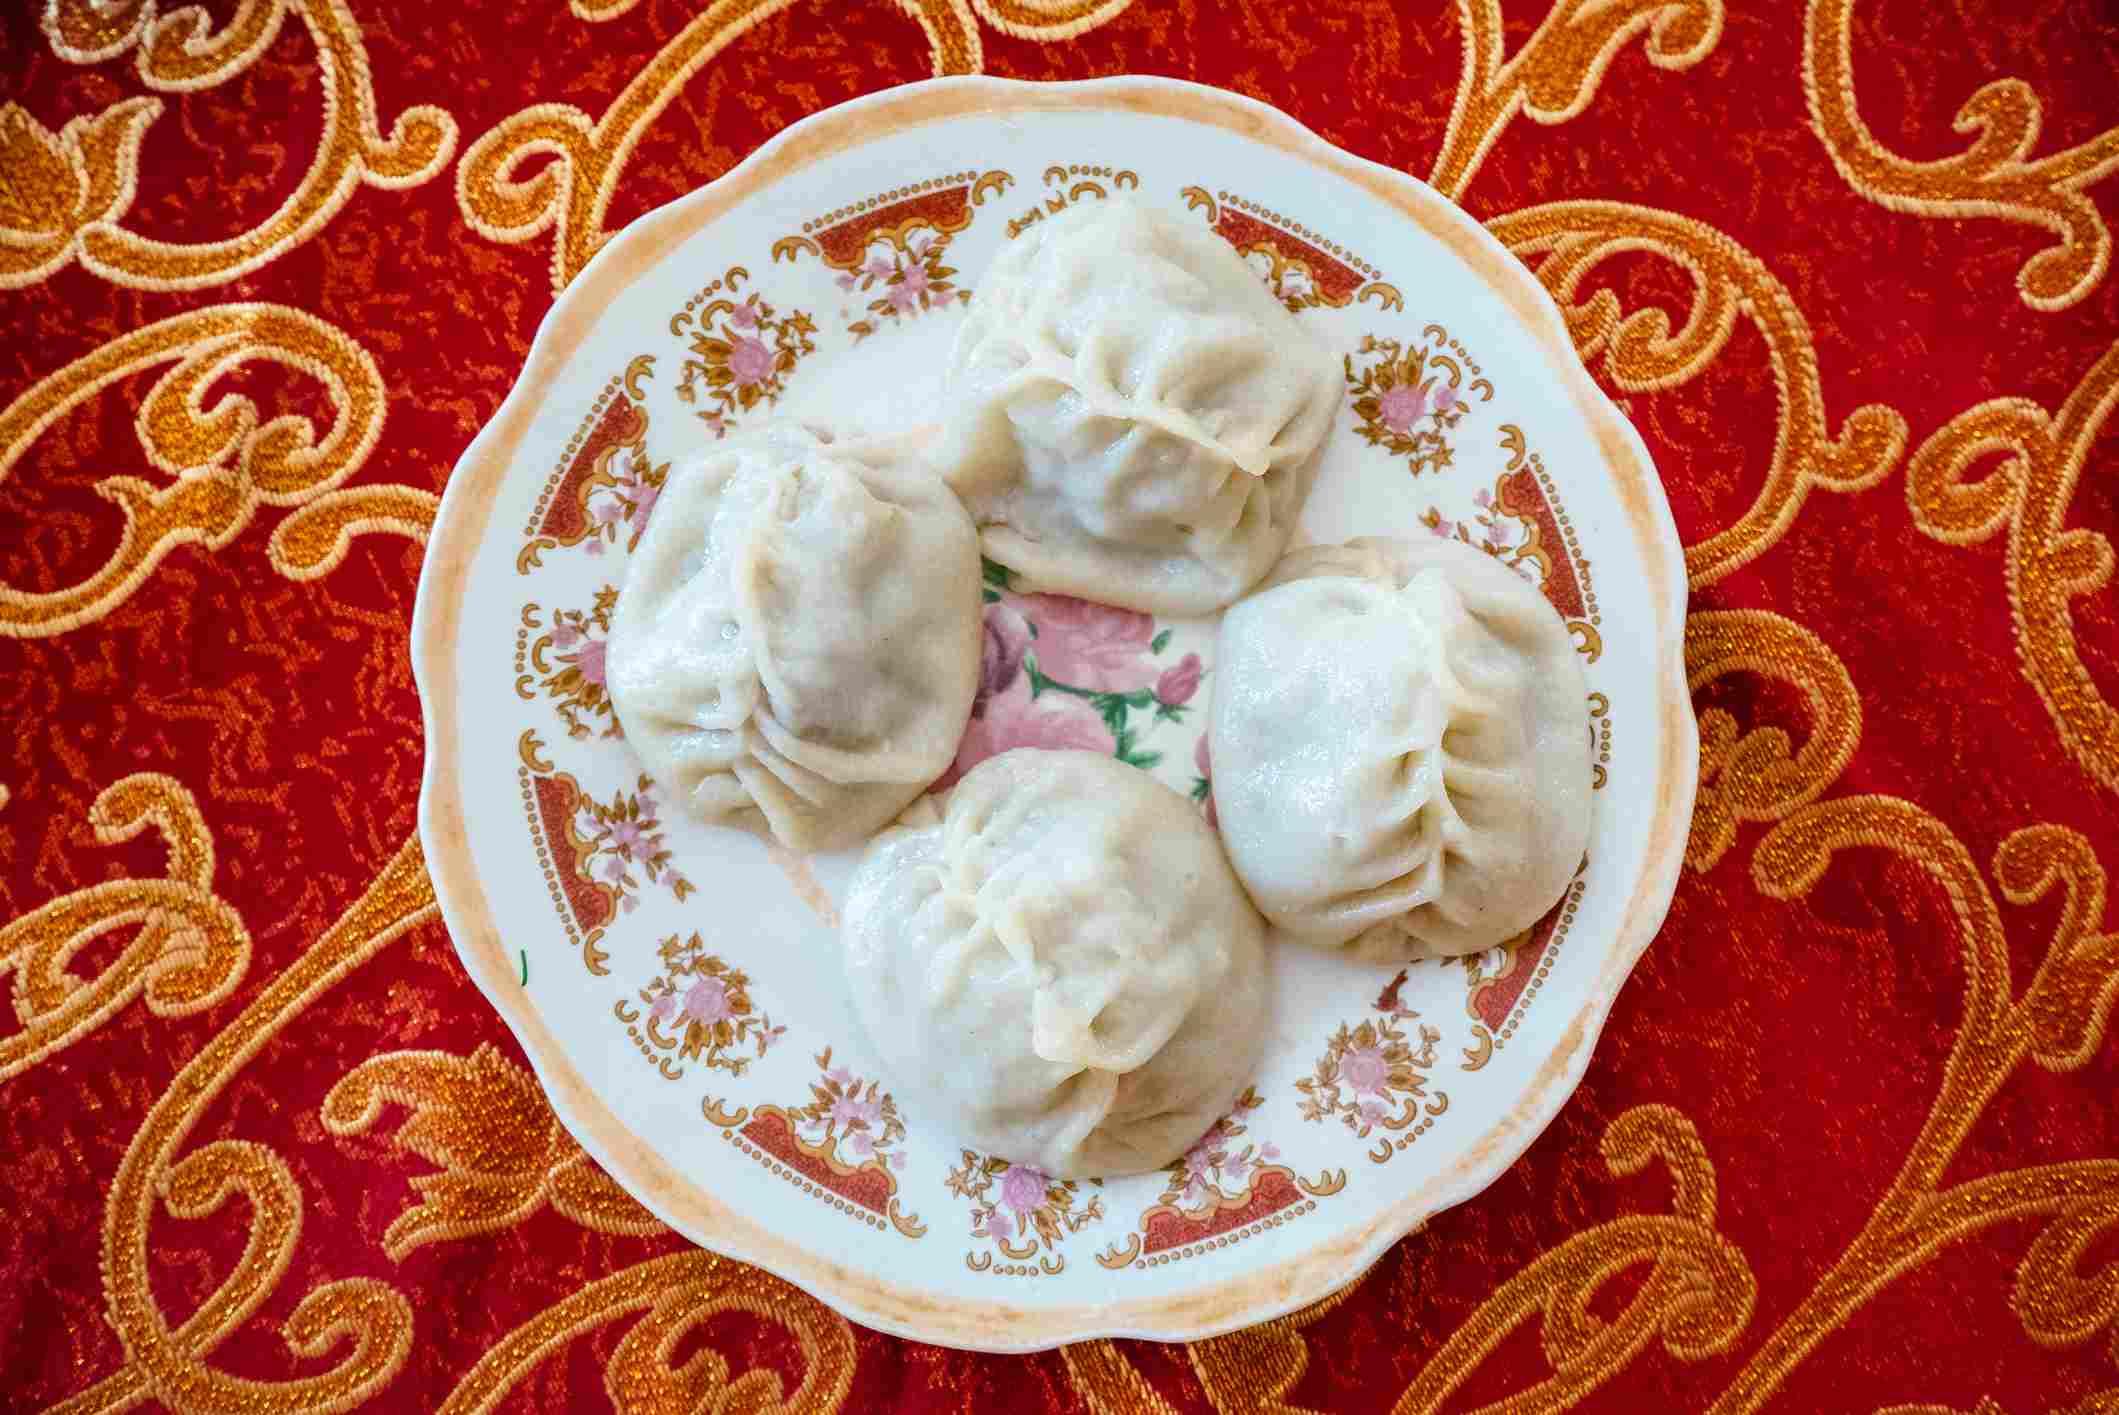 Pozy or Buuz dumplings